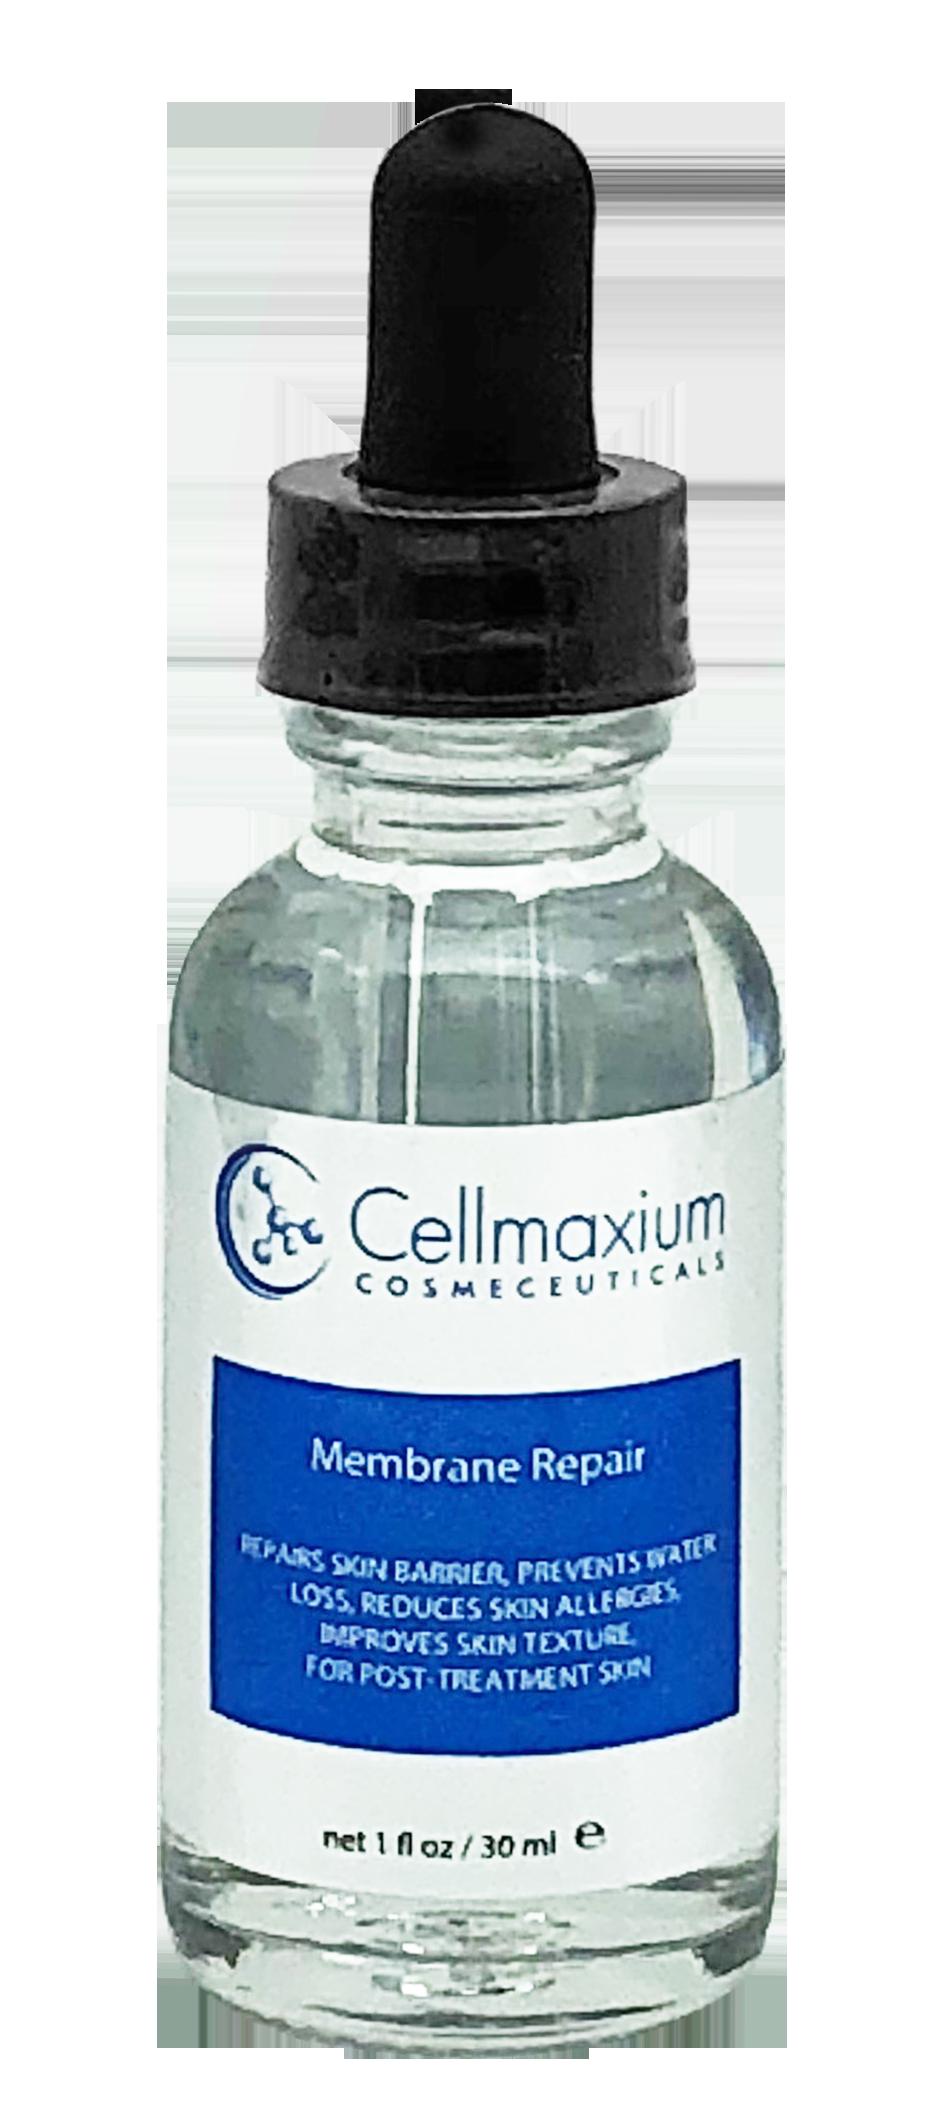 Cellmaxium Membrane repair 30ml